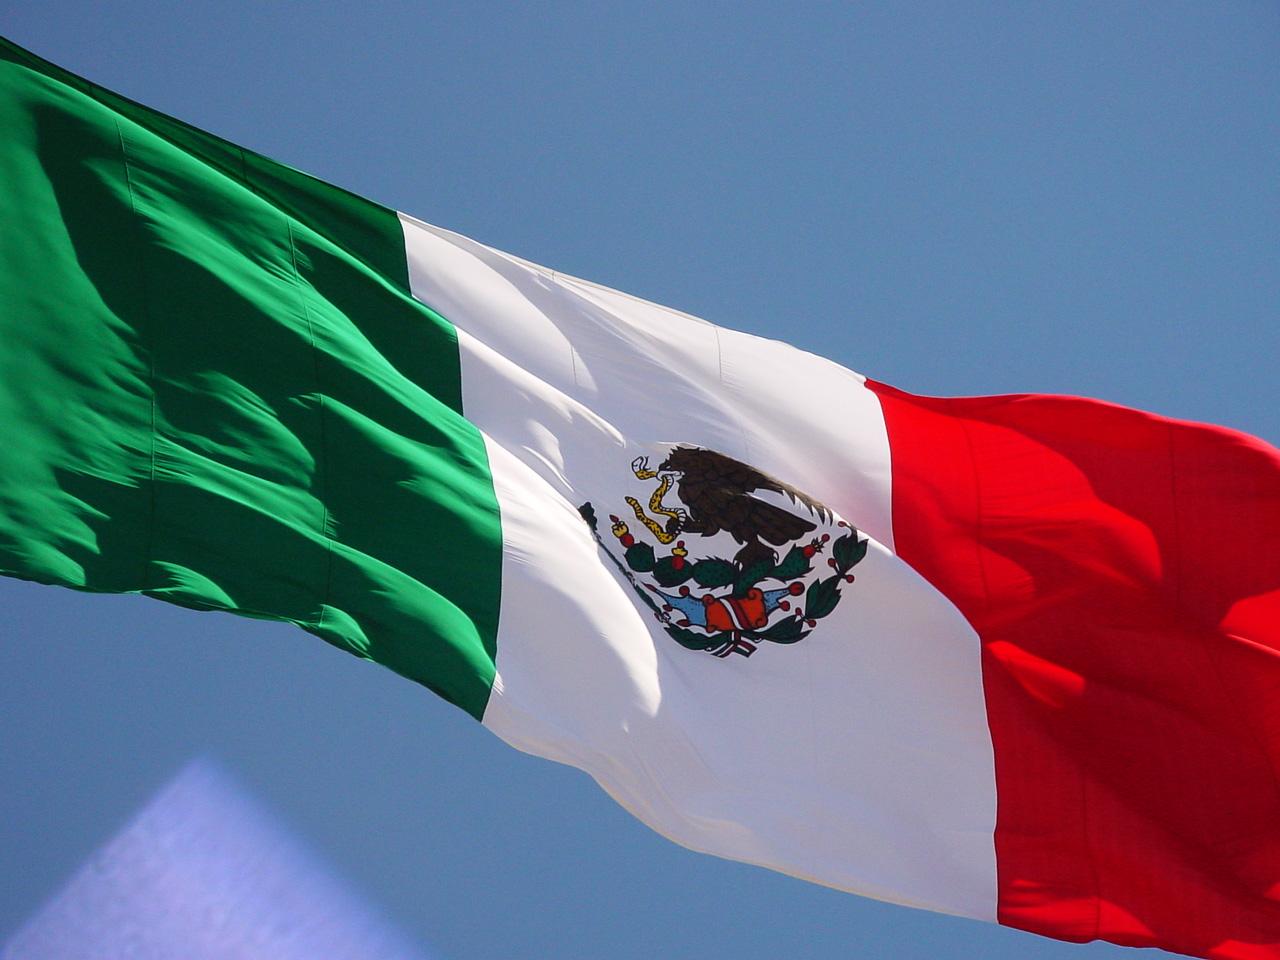 Meksika hökuməti Boliviyadakı vəziyyətdən narahat olduğunu bildirir